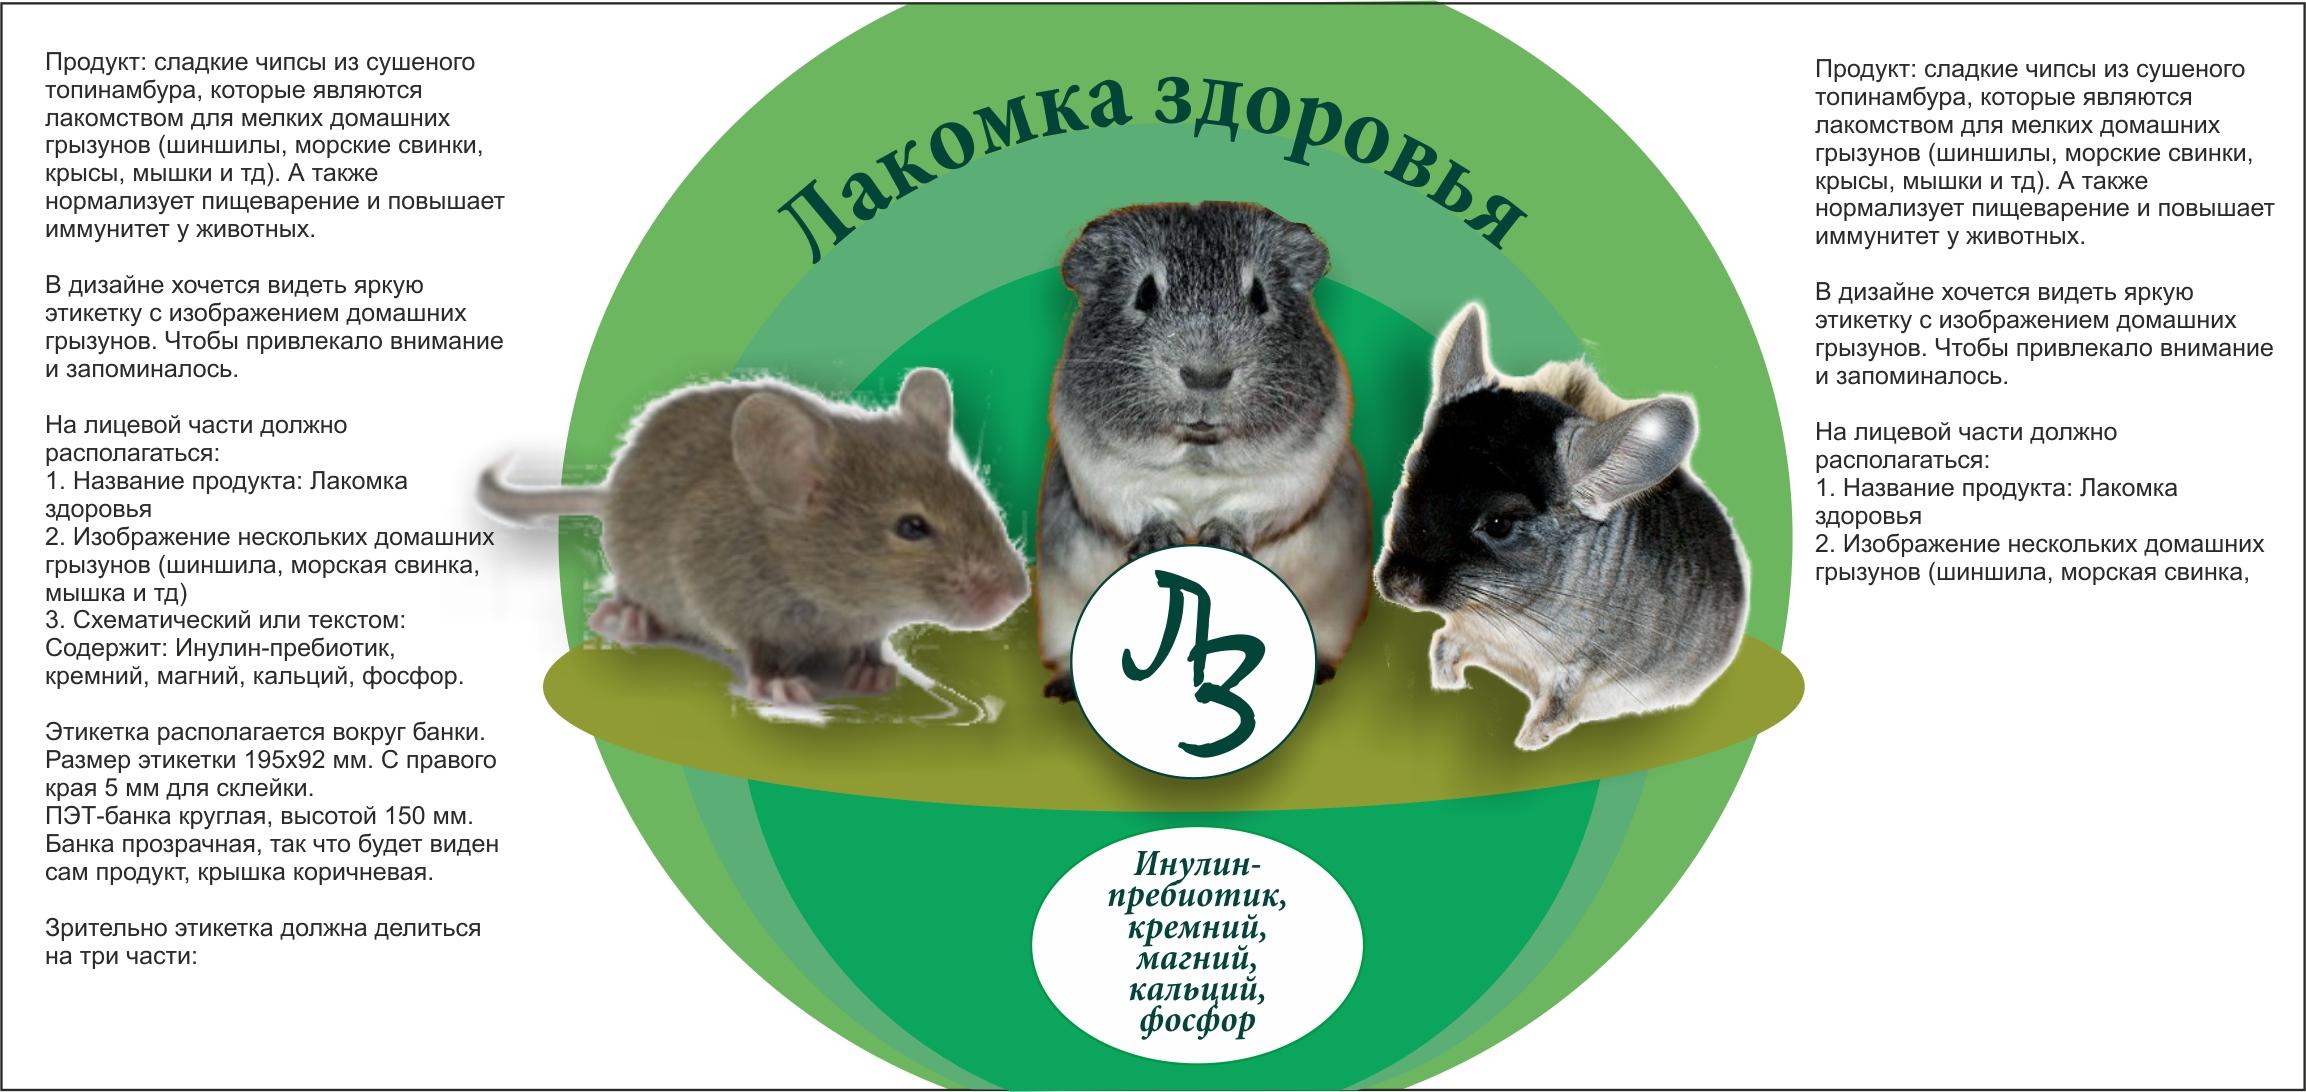 Дизайн этикетки на ПЭТ-банку лакомства для домашних грызунов фото f_01753a5c18f81475.jpg